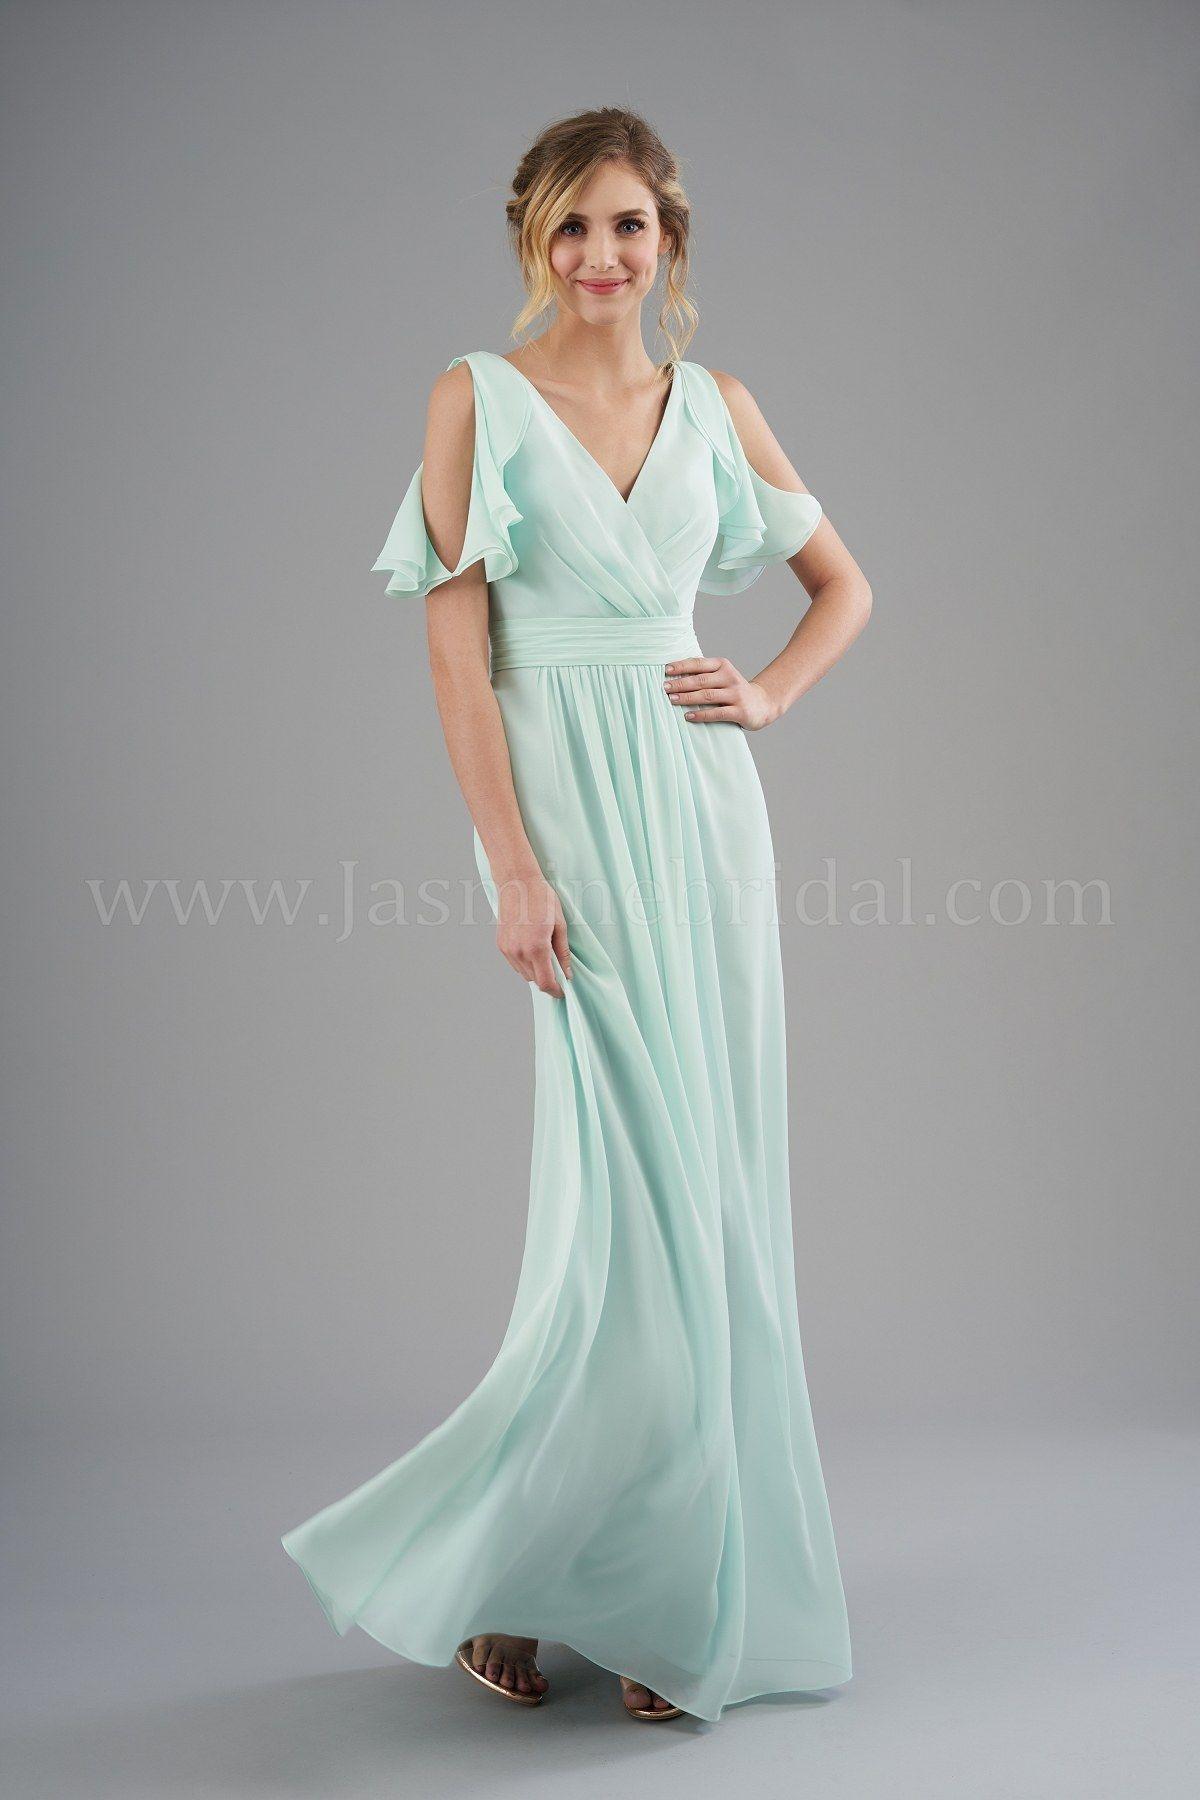 Jasmine bridal b bridesmaid dress simple bridesmaid dresses